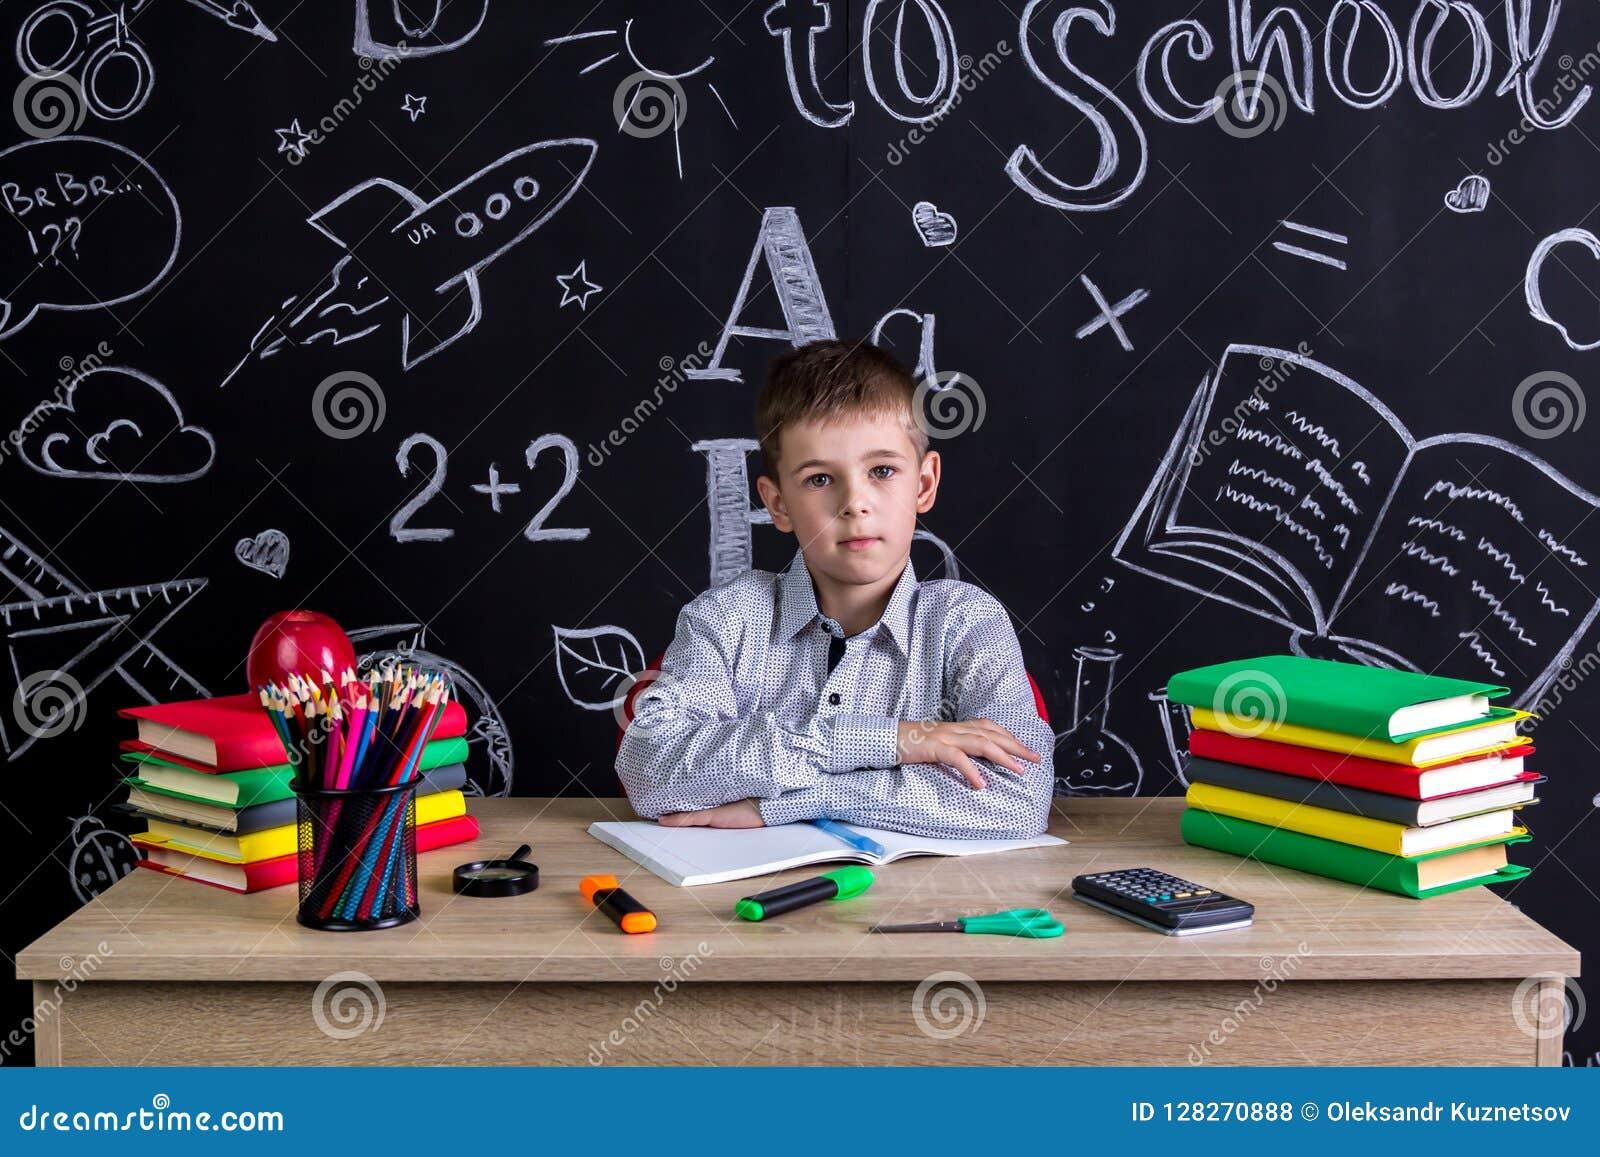 Colegial excelente serio que se sienta en el escritorio con los libros, fuentes de escuela, con ambos brazos inclinados uno a otr